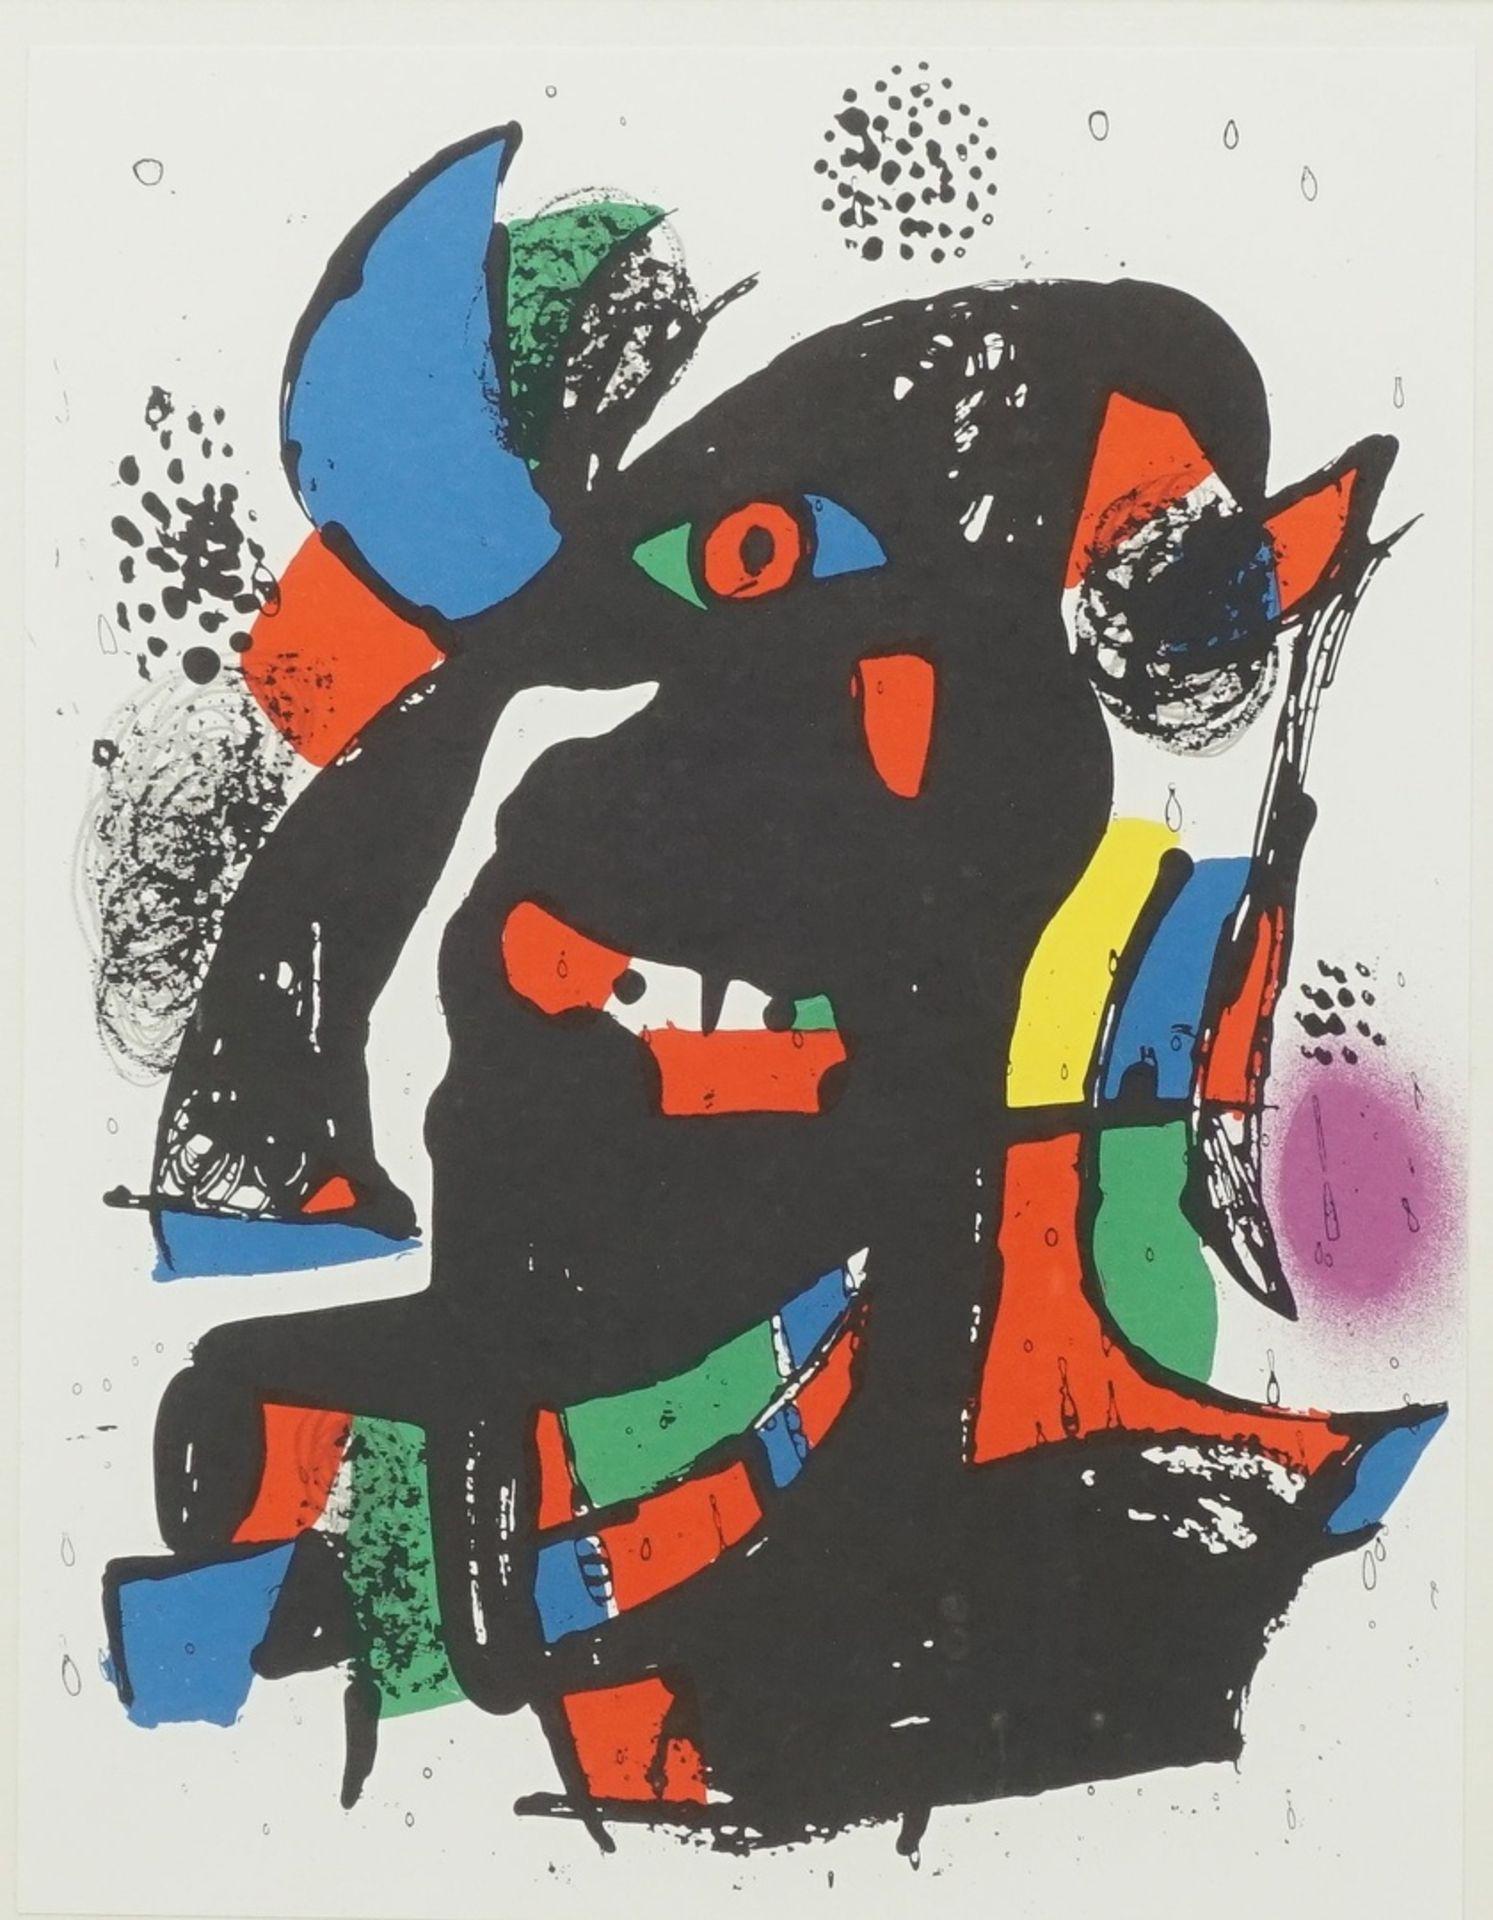 Joan Miró, Miró Lithographe, pl. III